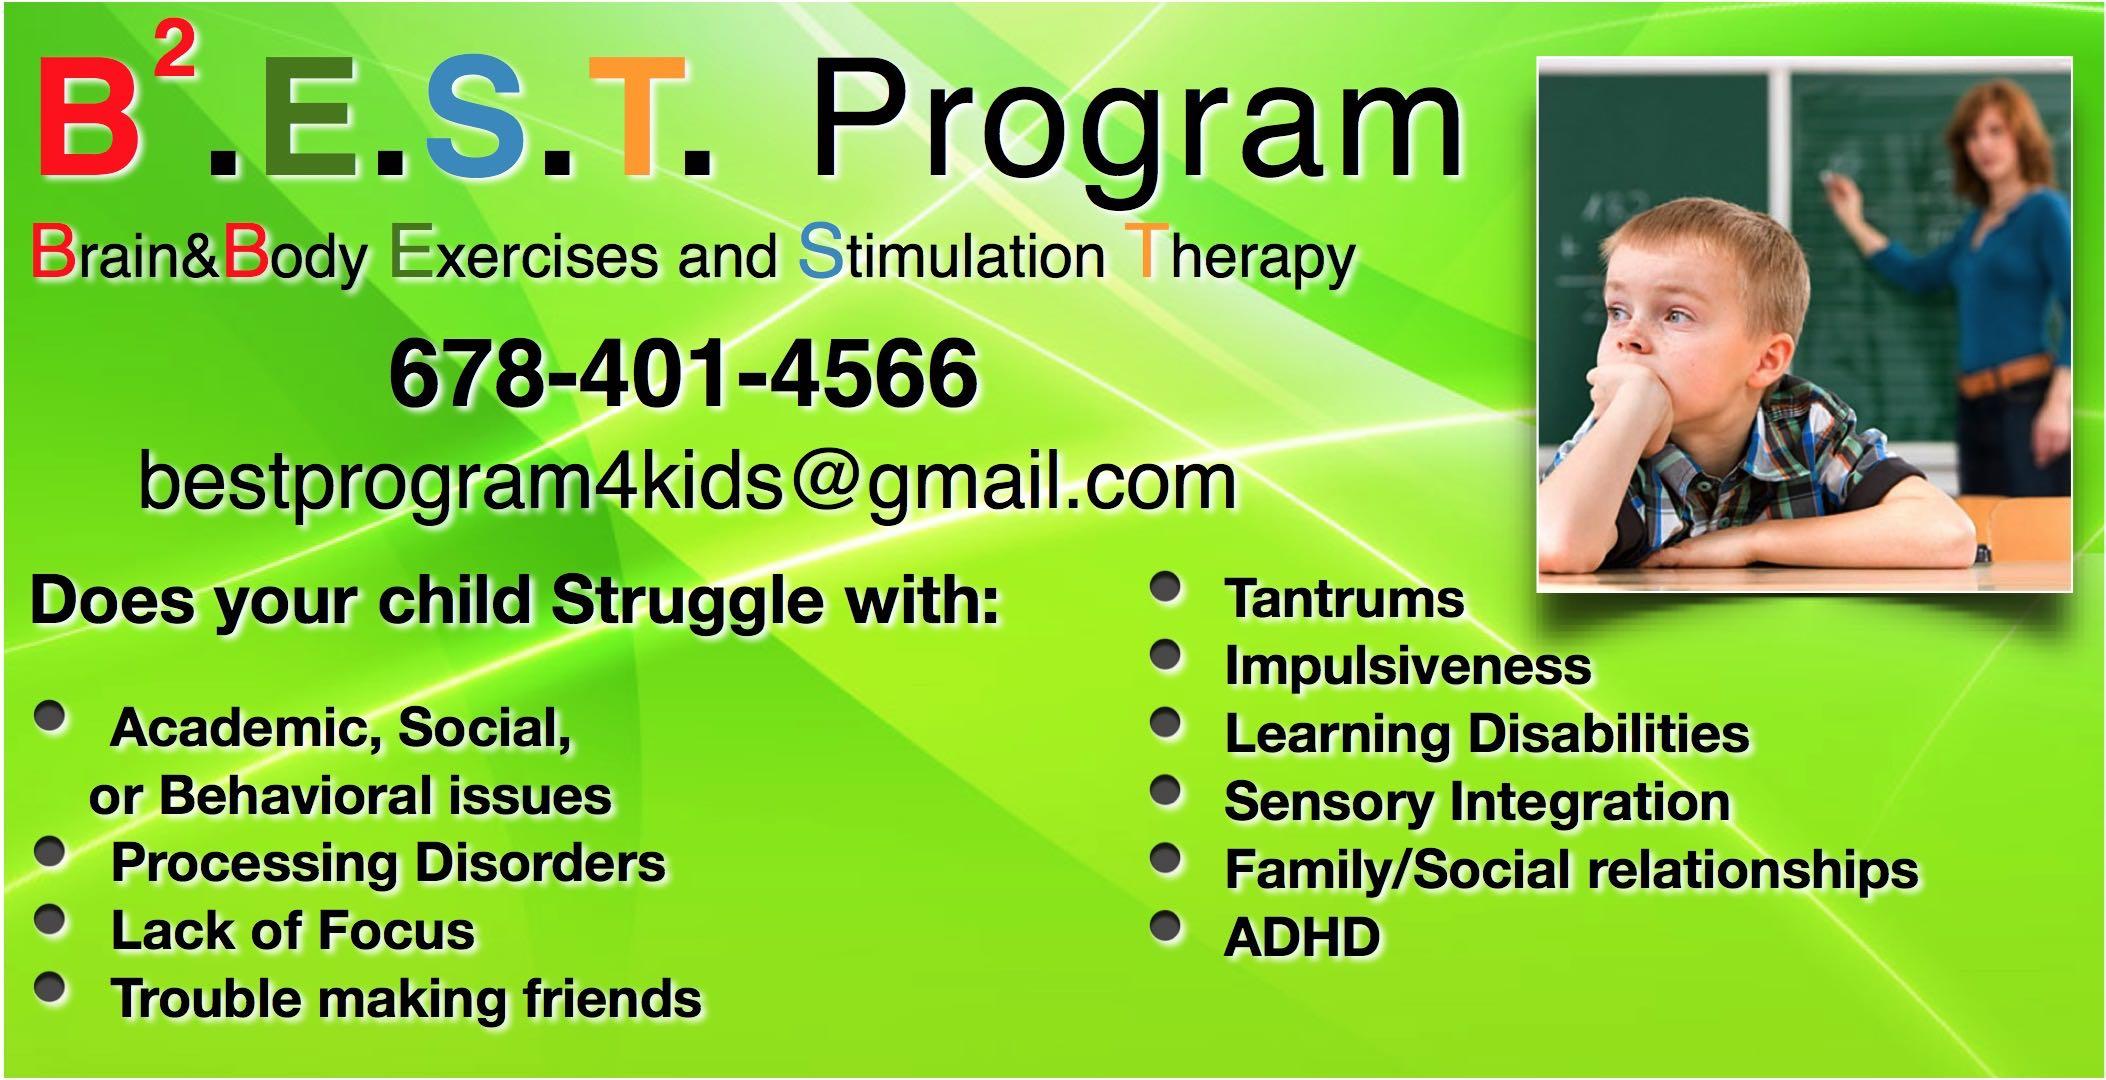 The B.E.S.T. Program